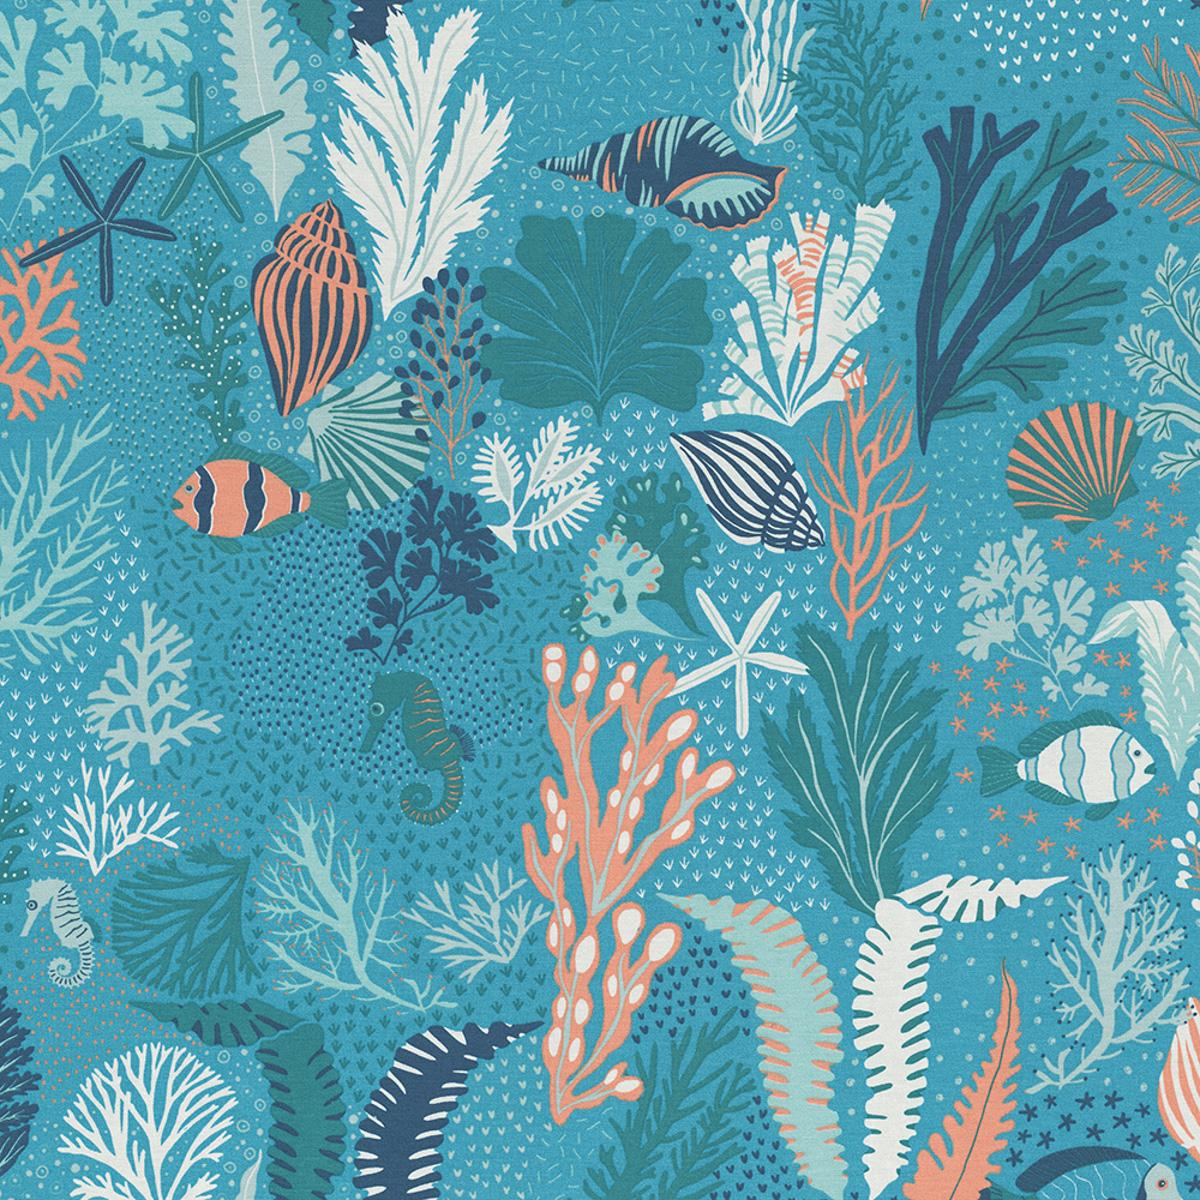 Dekostoff Ottoman Canvas Scuba Dive Unterwasserwelt blau türkis orange 1,40m Breite